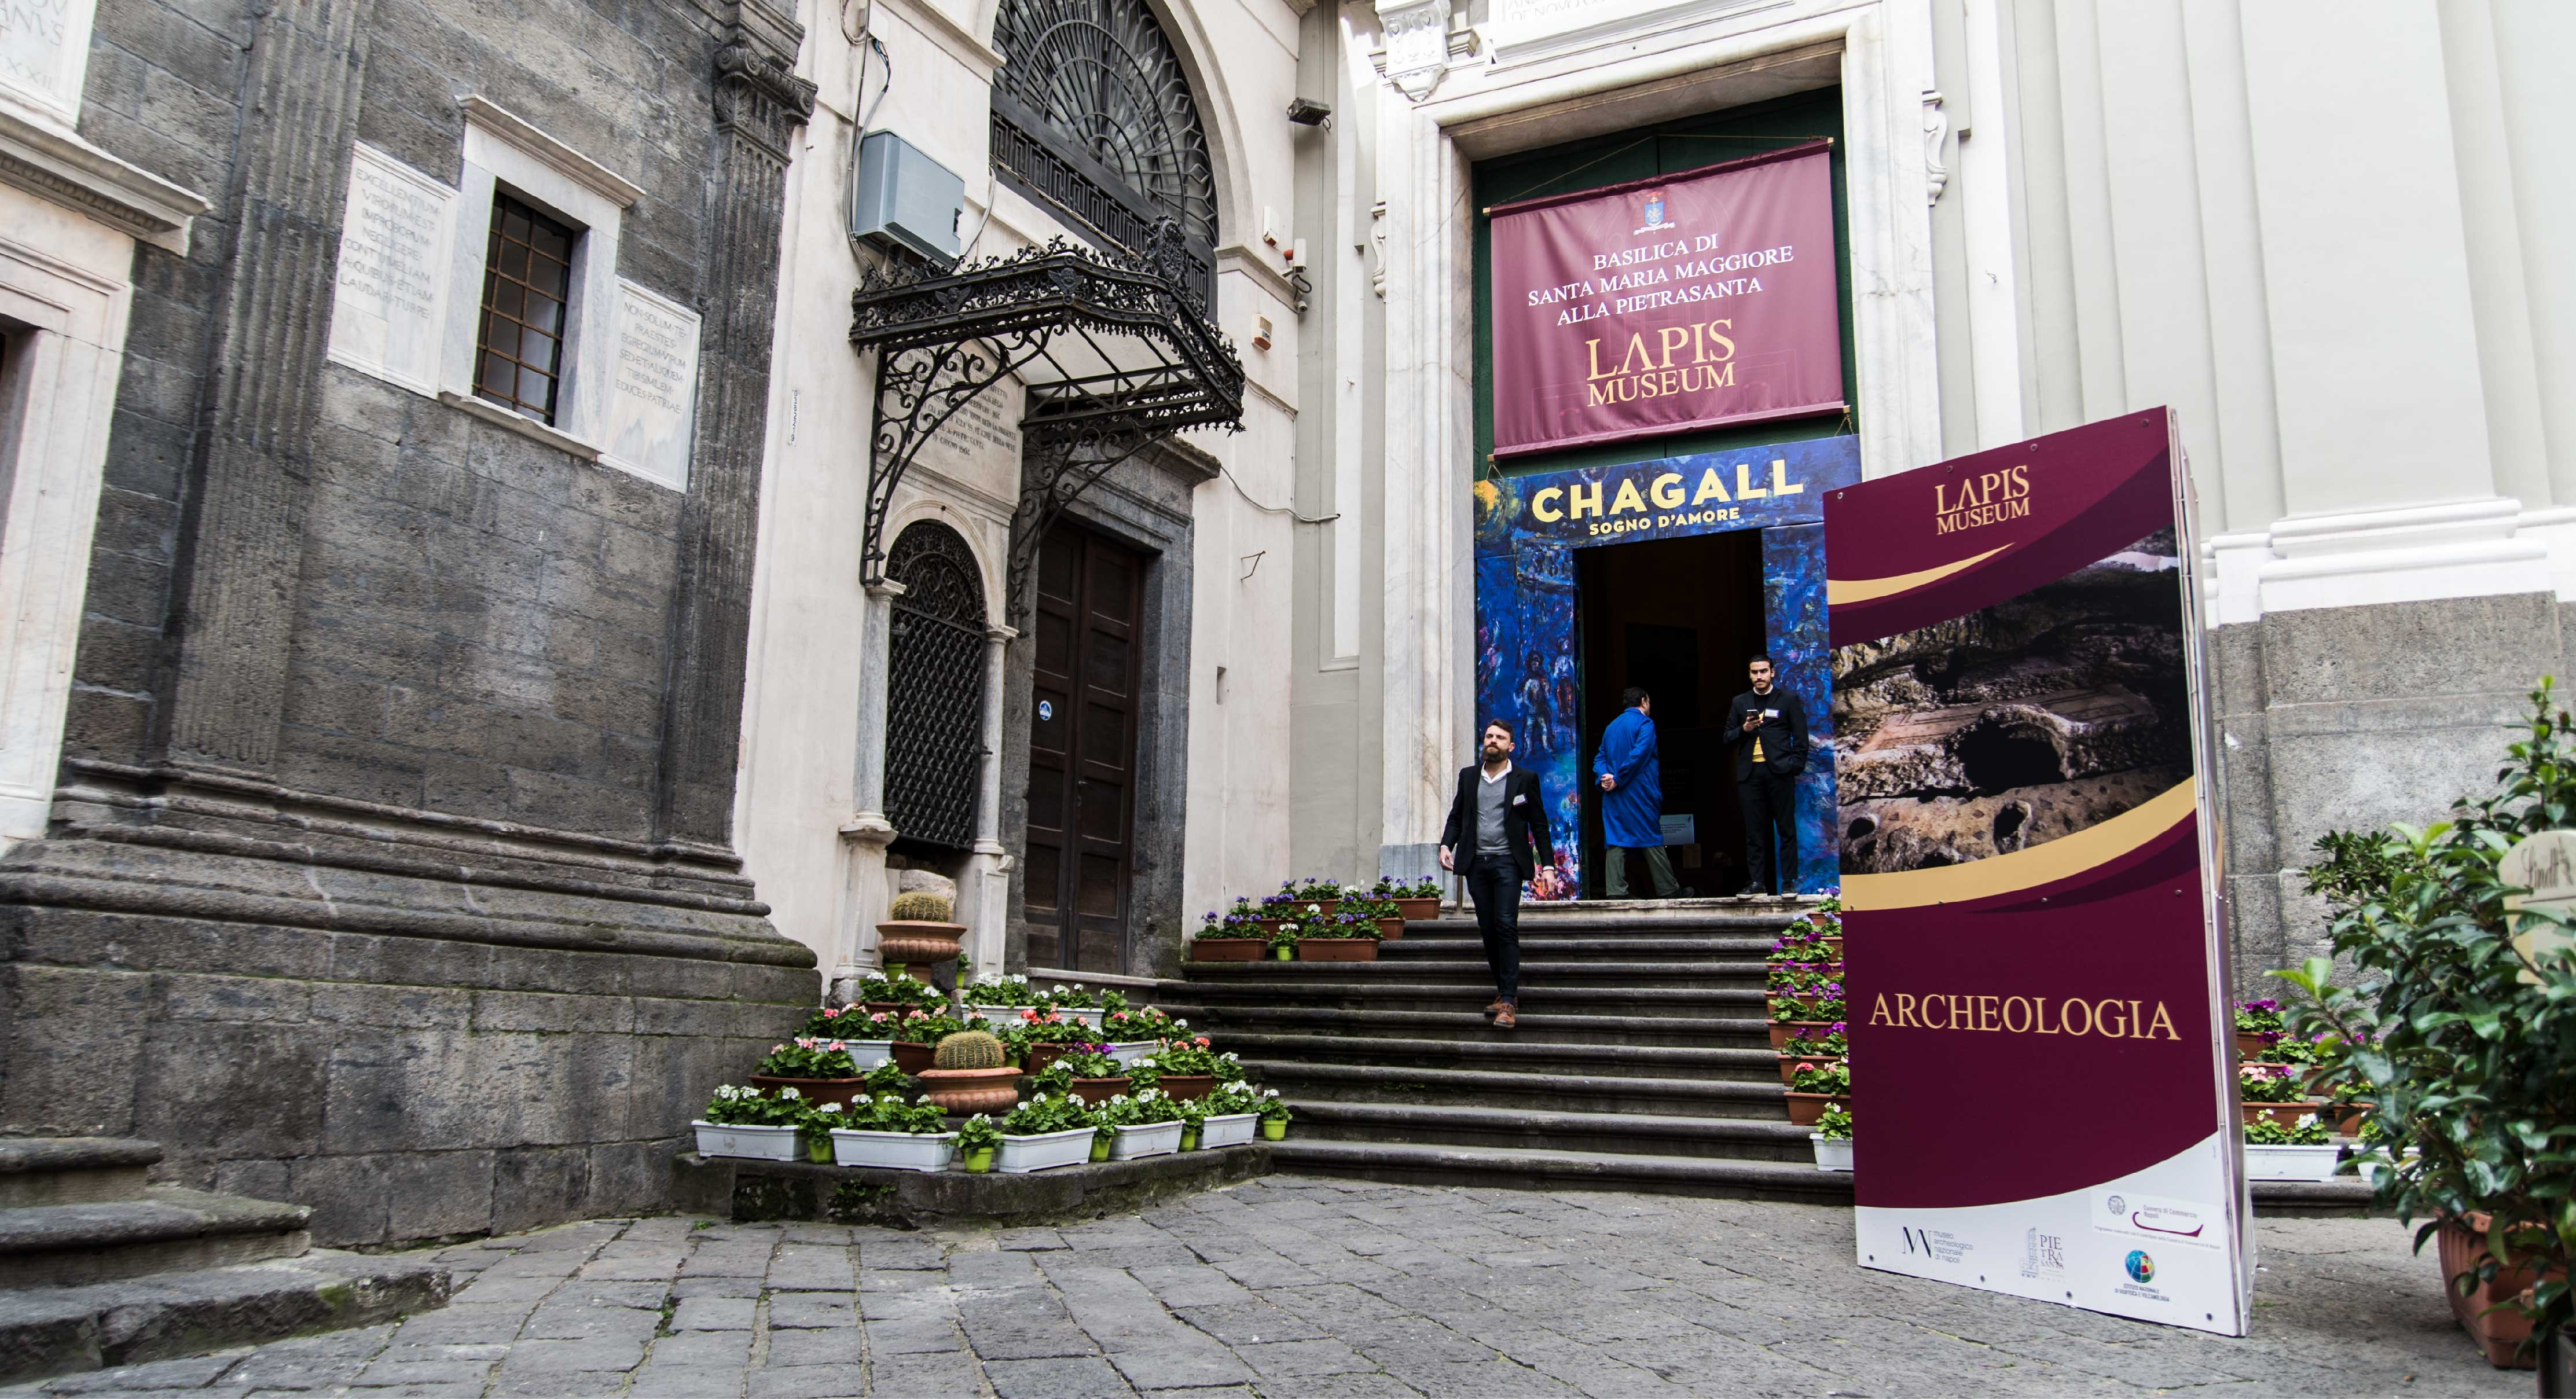 Marc Chagall in mostra a Napoli, più di 150 opere esposte